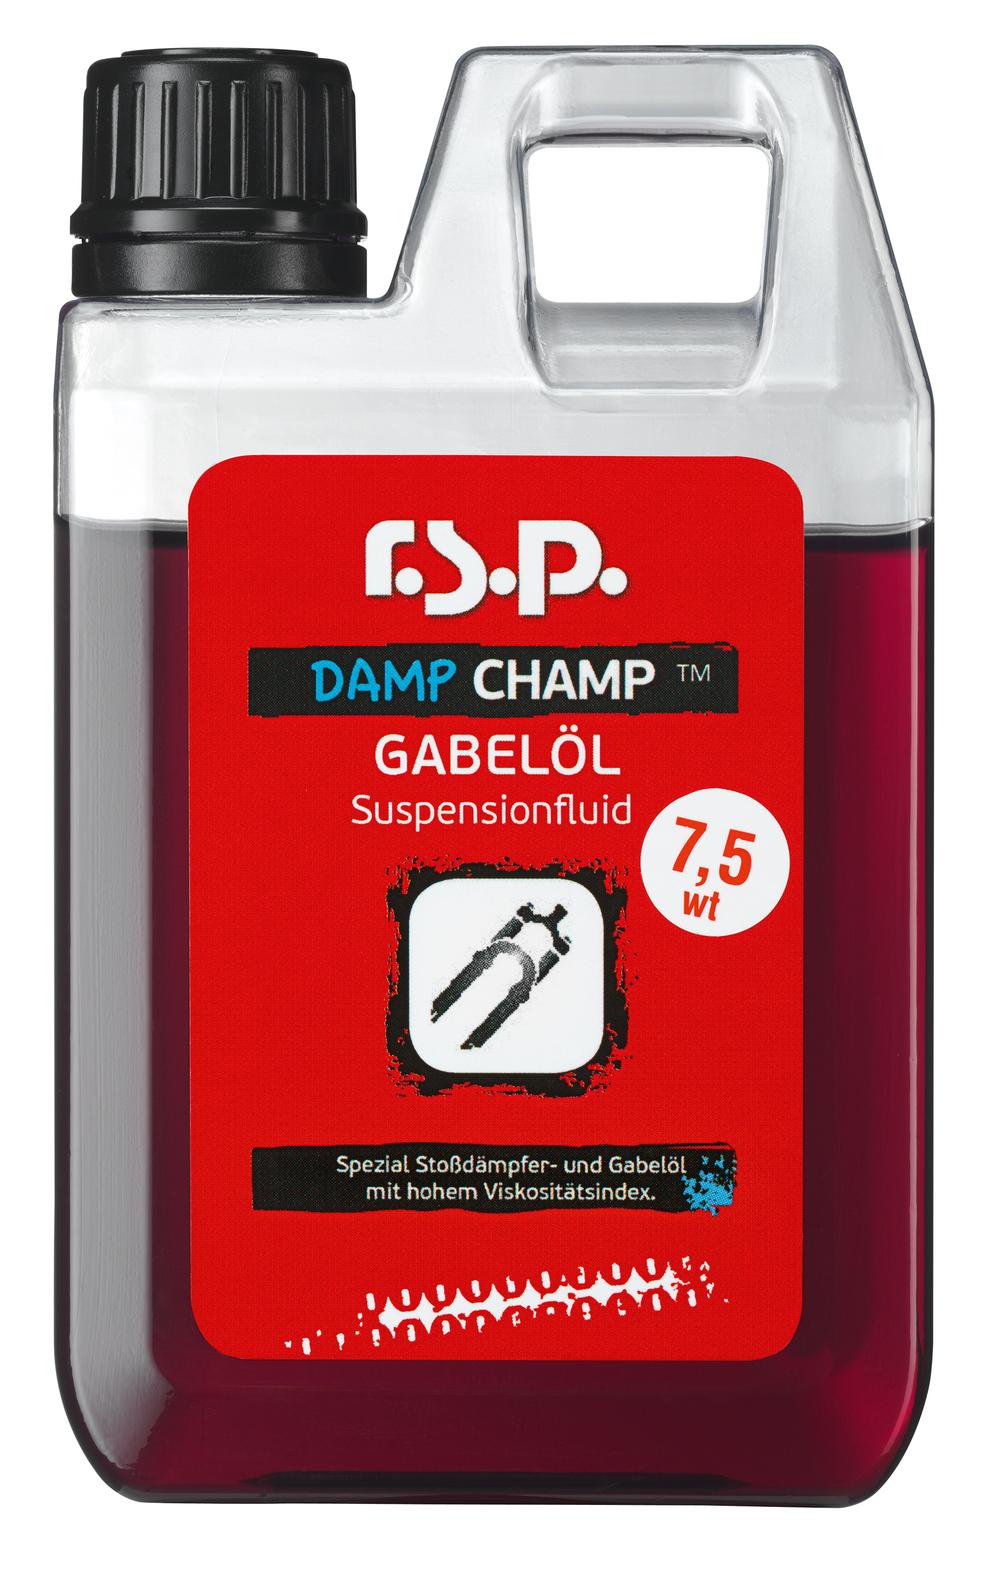 rsp 062065007 Damp Champ 250ml 7,5wt.jpg